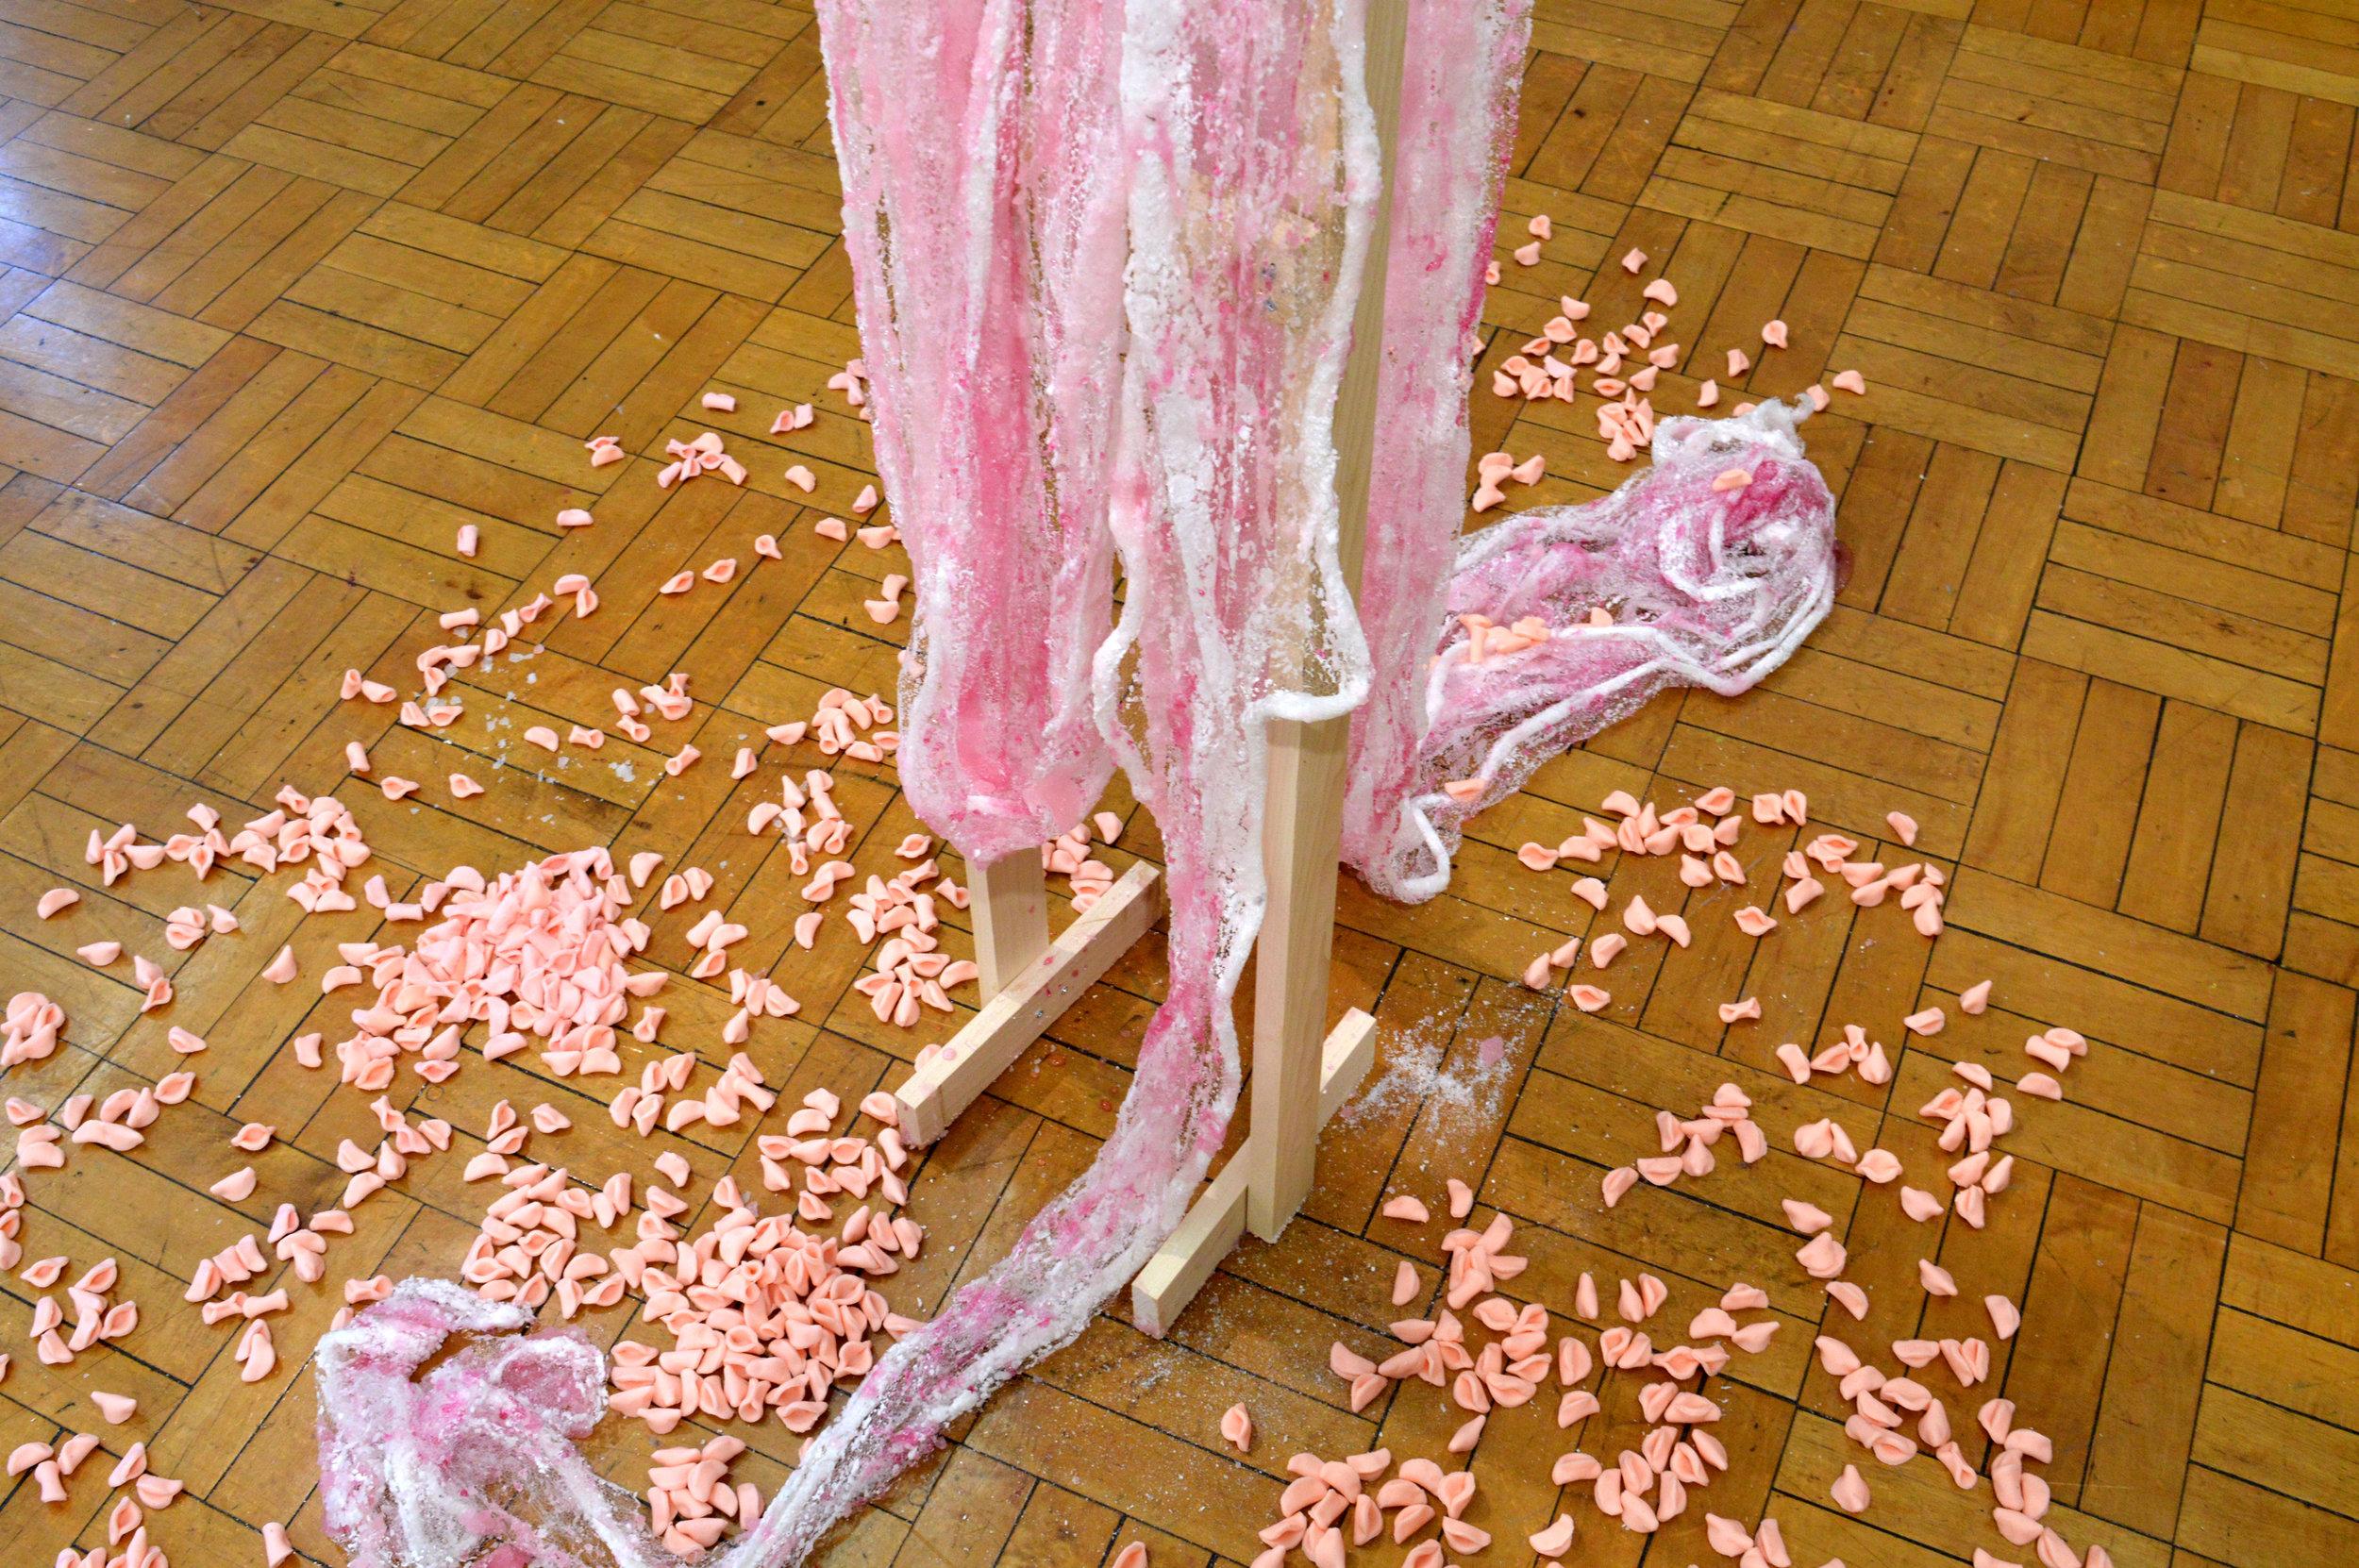 female figure ii - detail.jpg